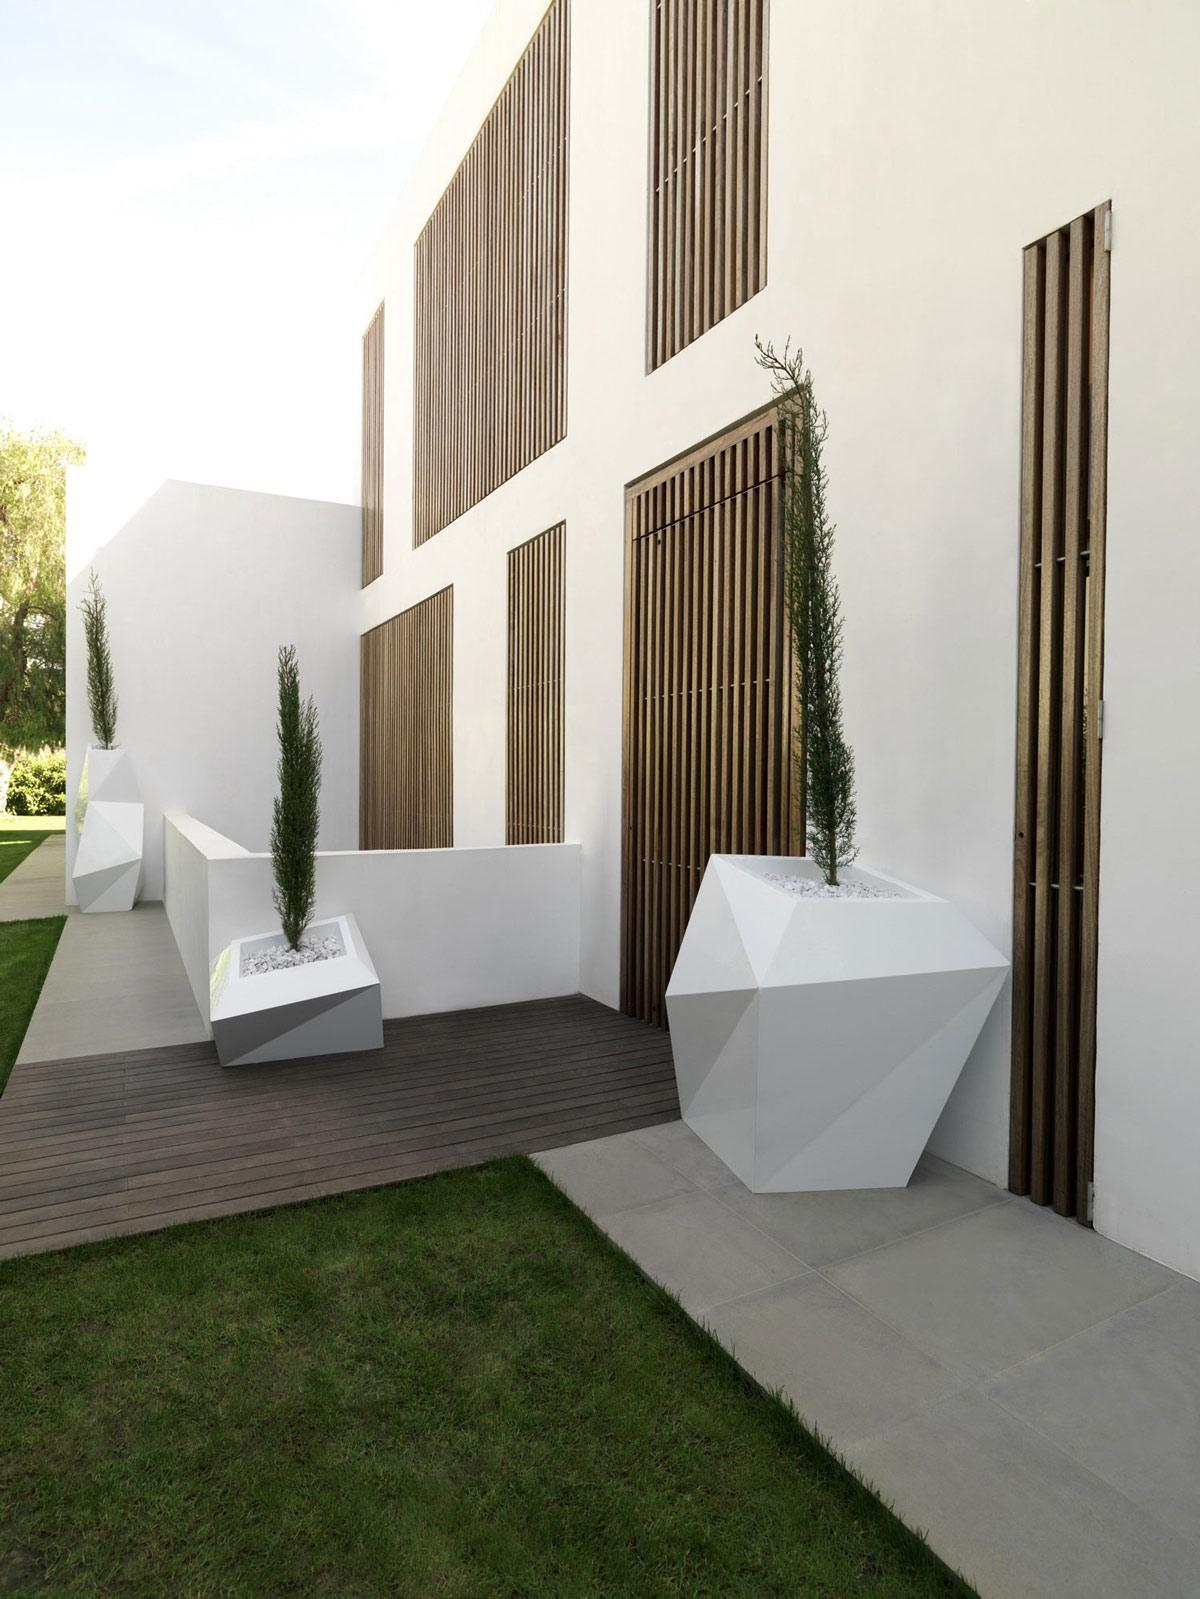 Futuristic Garden Furniture, Contemporary Home in Valencia, Spain